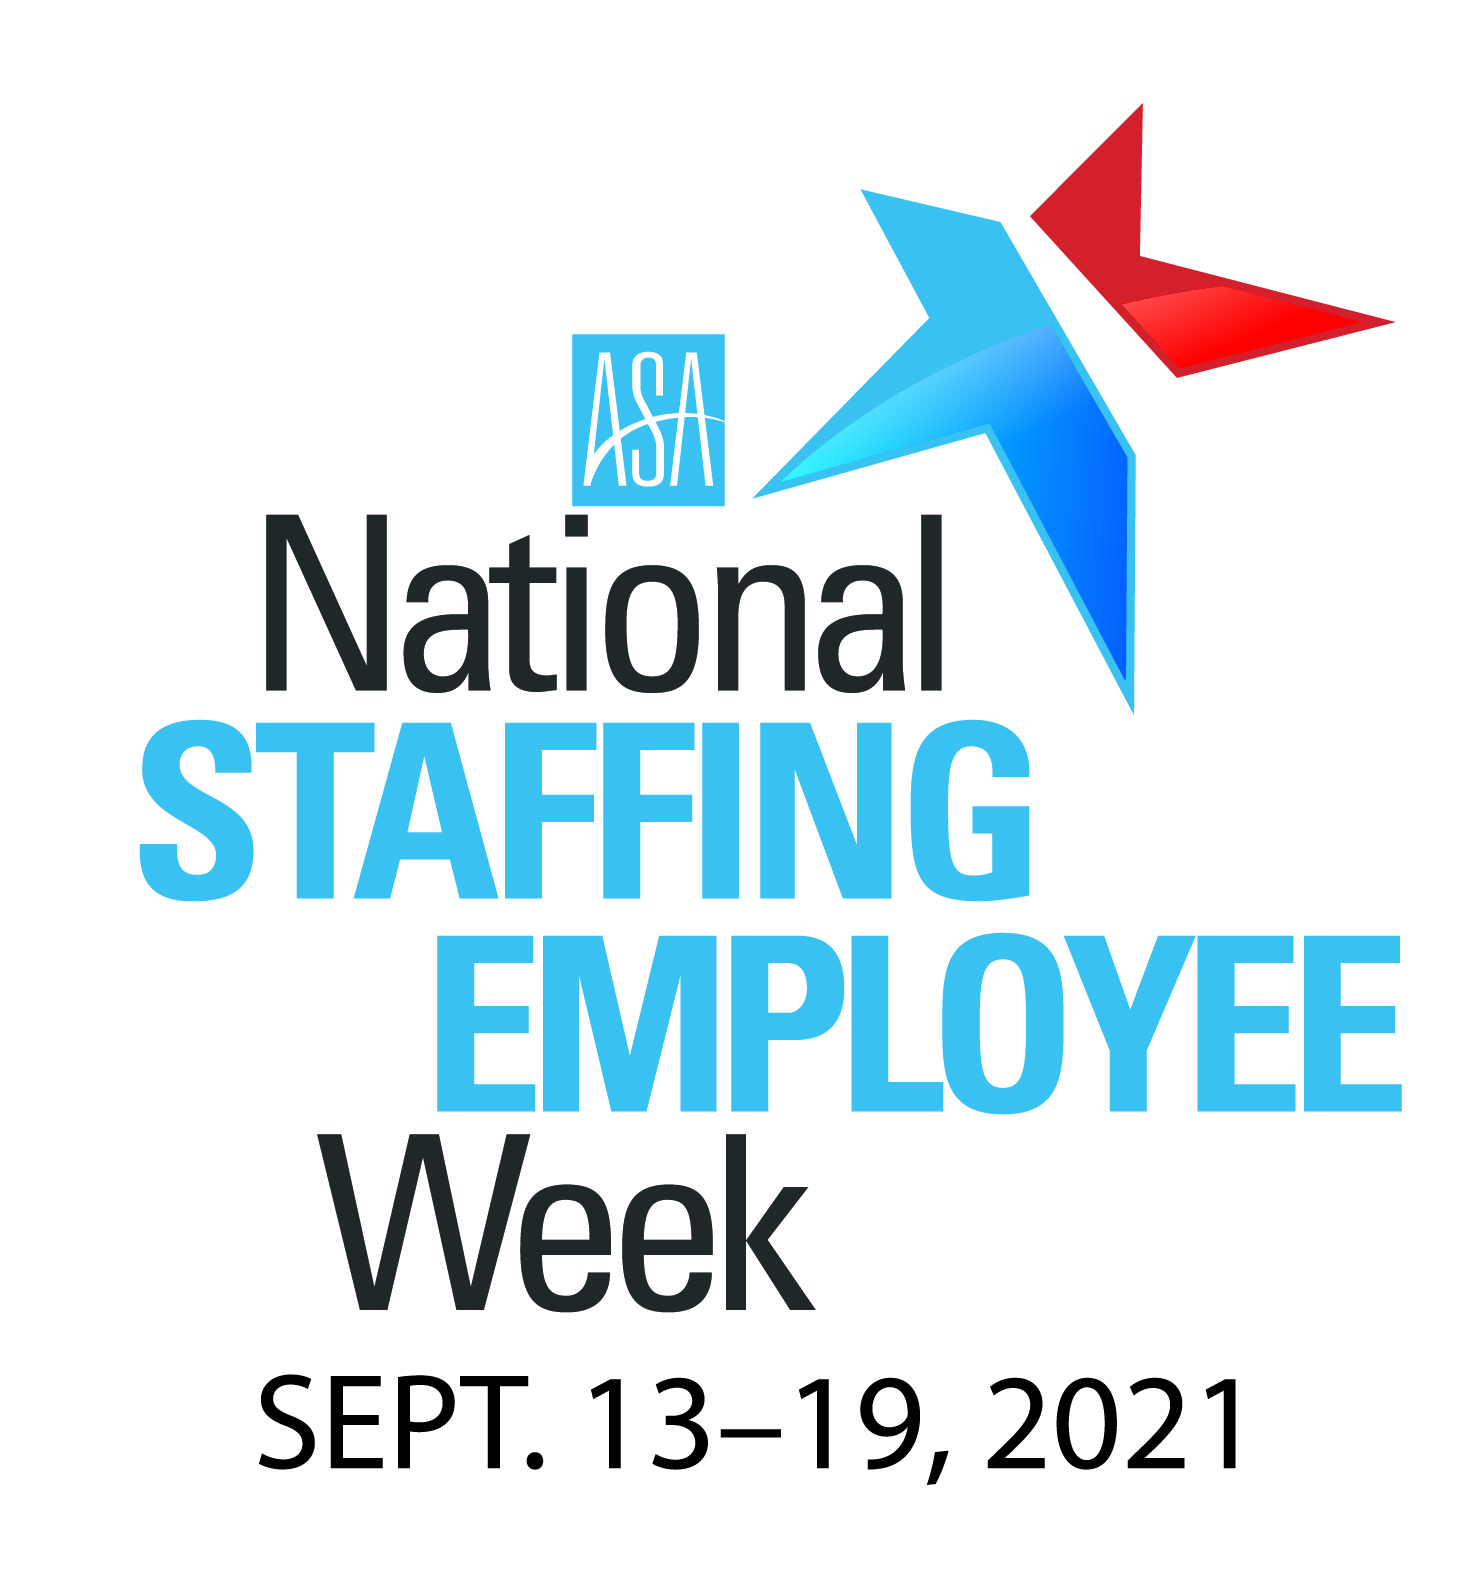 National Staffing Employee Week logo